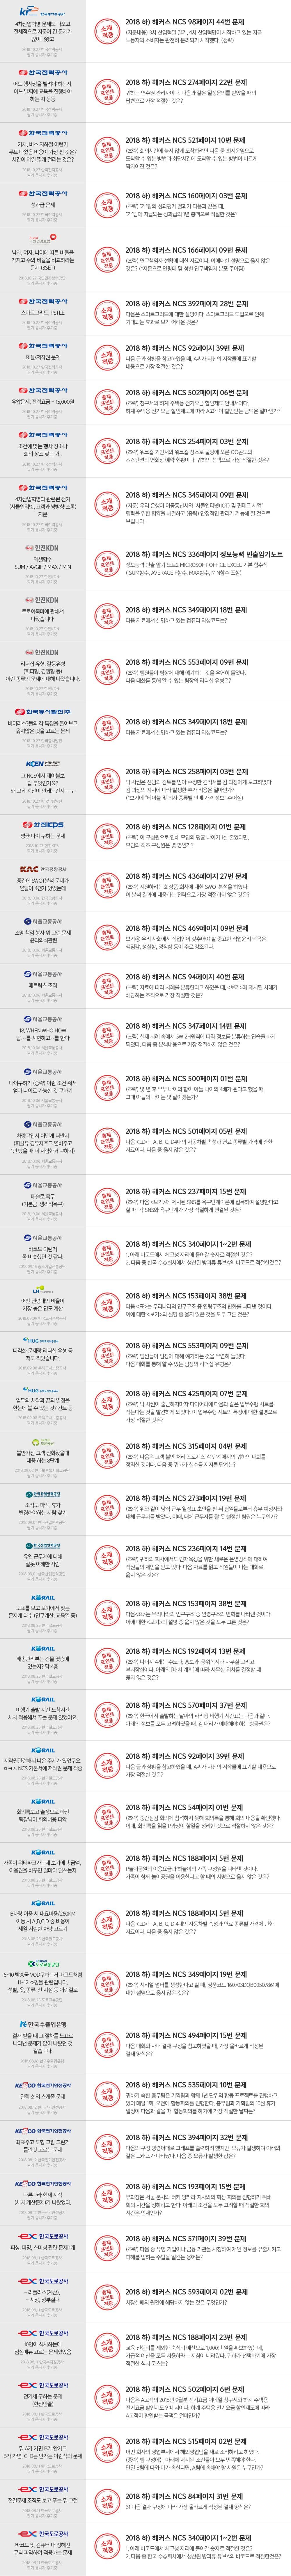 적중한 유형의 NCS 문제 확인